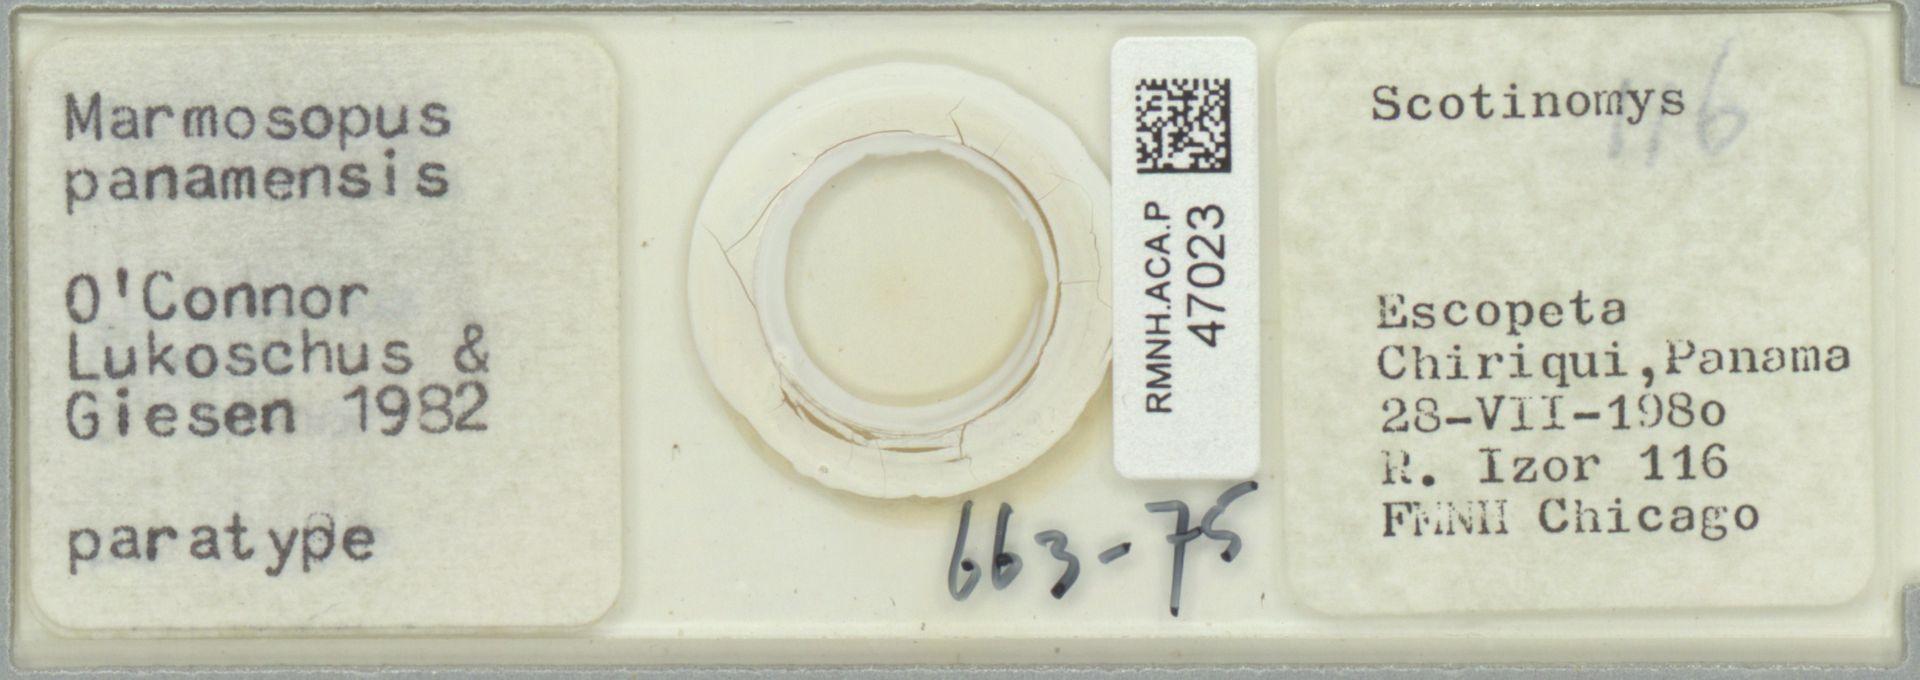 RMNH.ACA.P.47023 | Marmosopus panamensis O'Connor Lukoschus & Giesen 1982